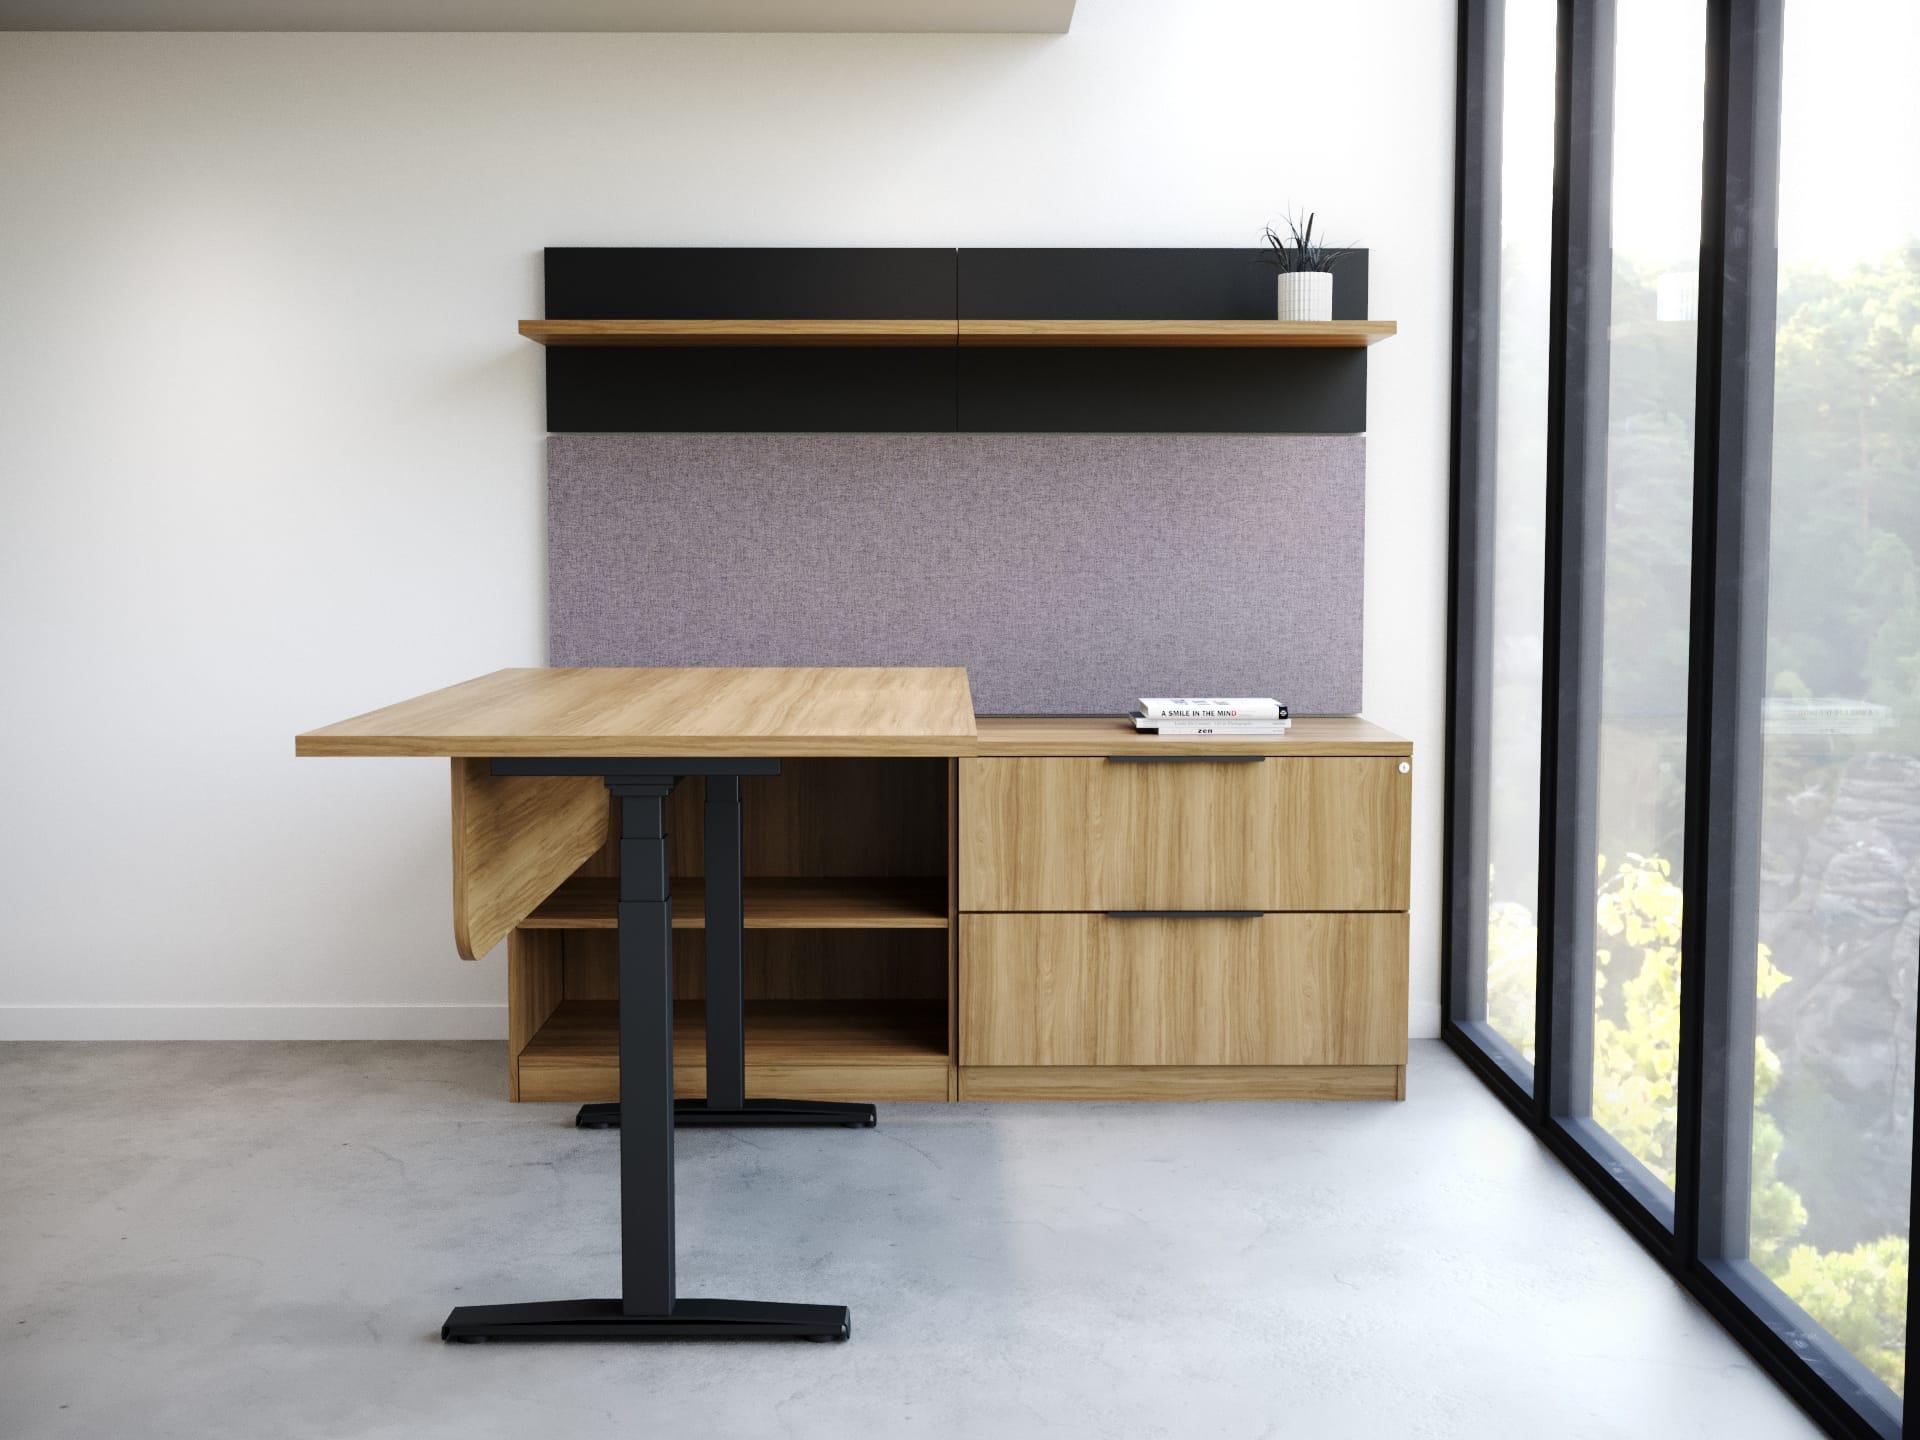 deskmakers-convergence-standing-desk-setup